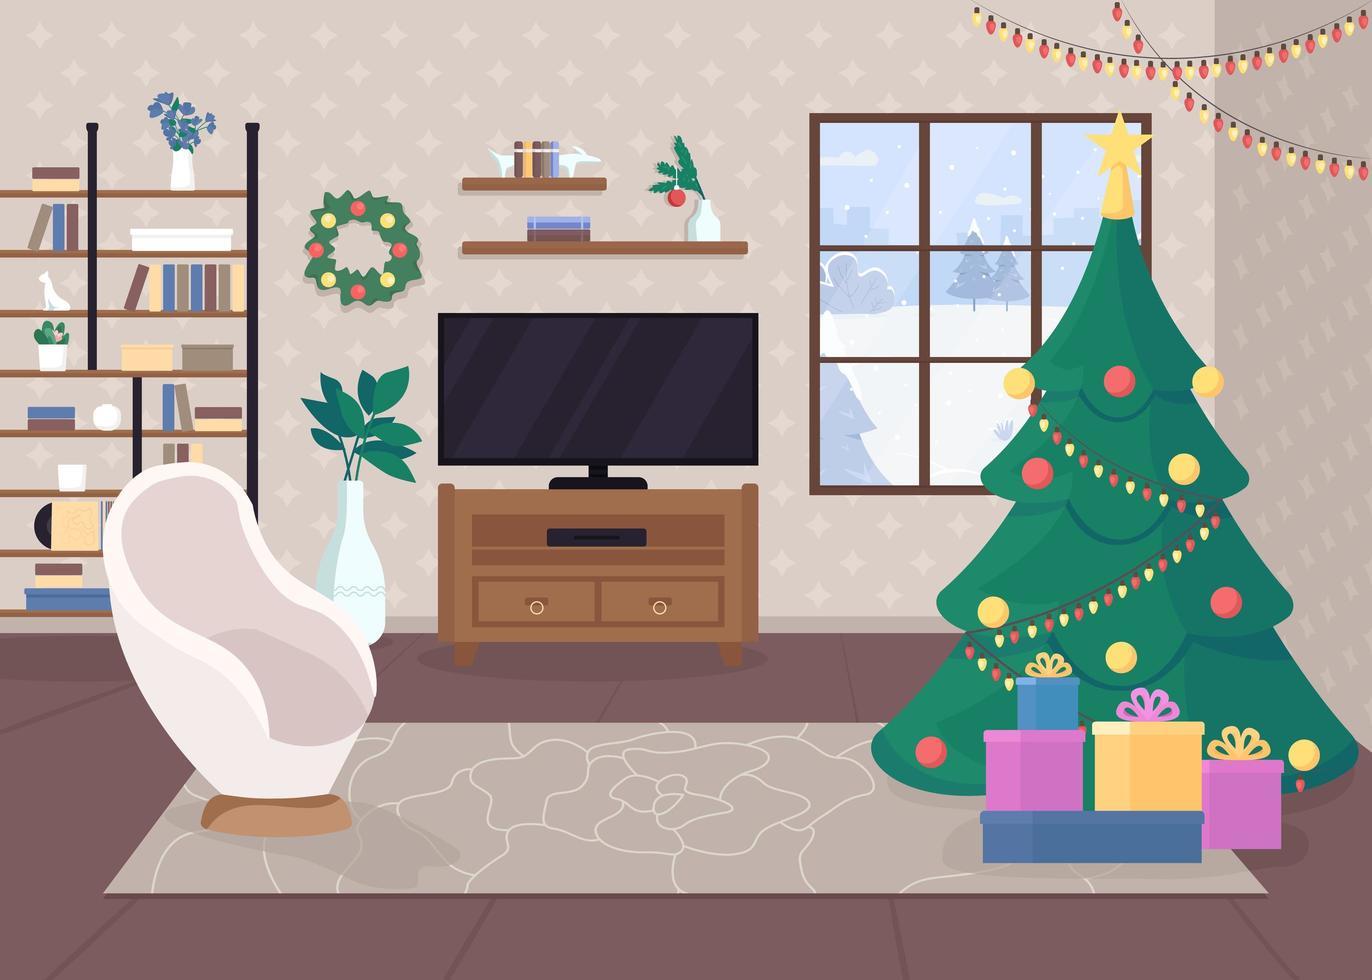 modernes Weihnachtshaus innen vektor